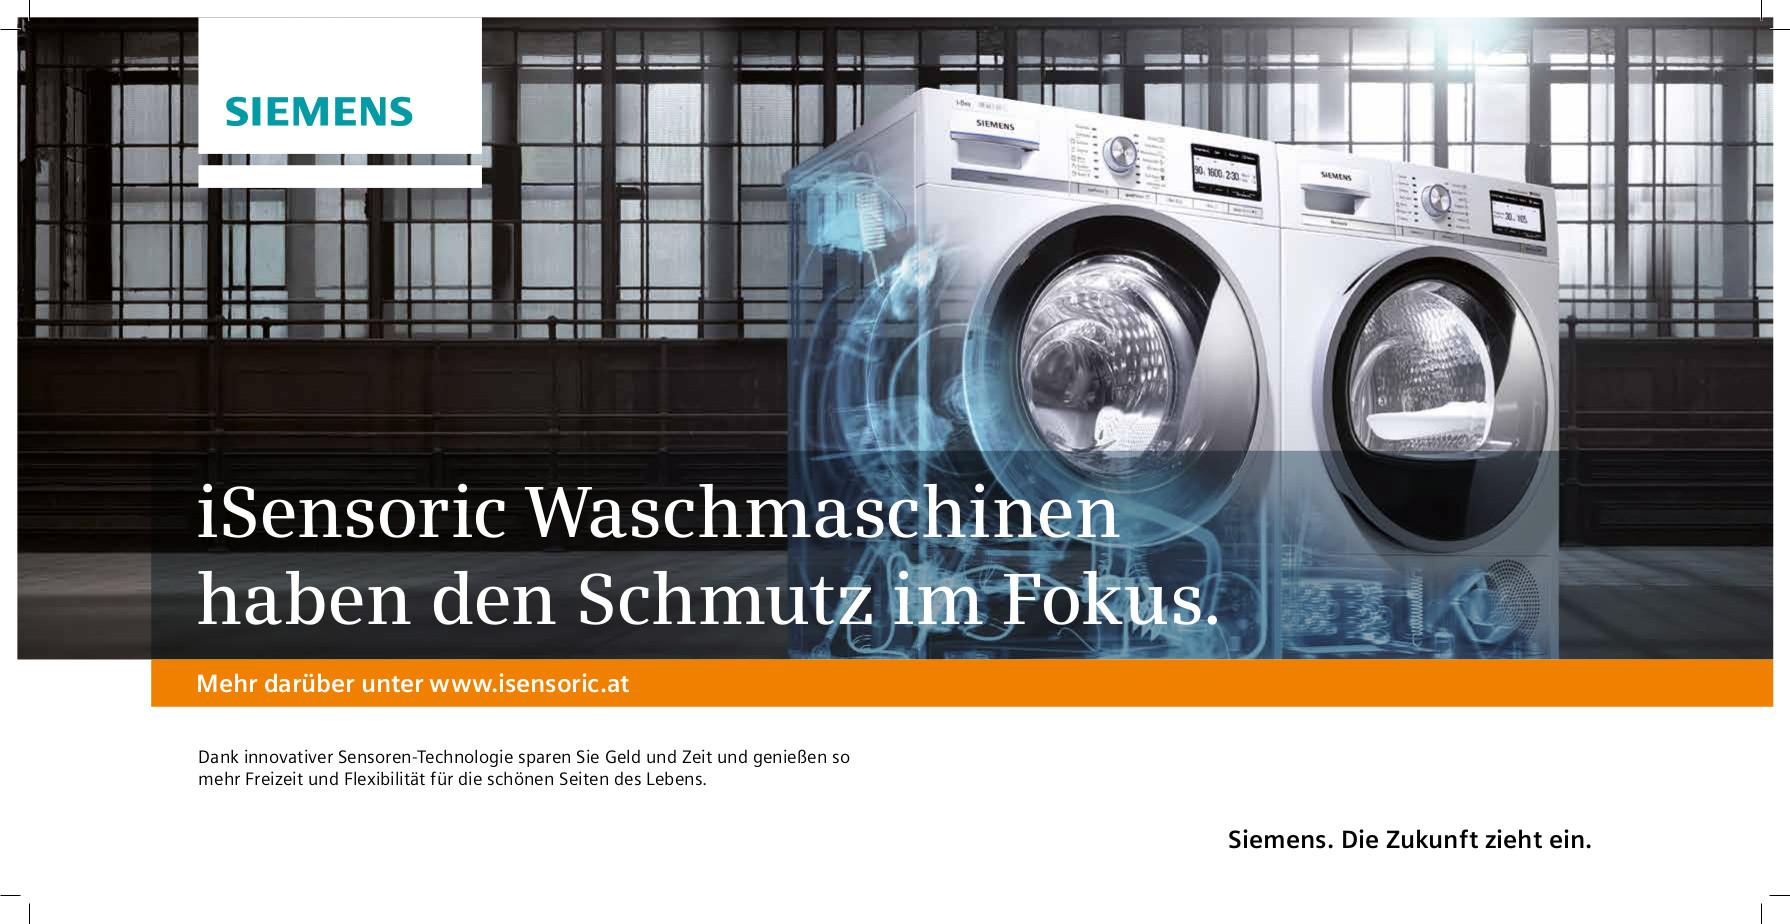 Händlerplakat für Siemens Aktion